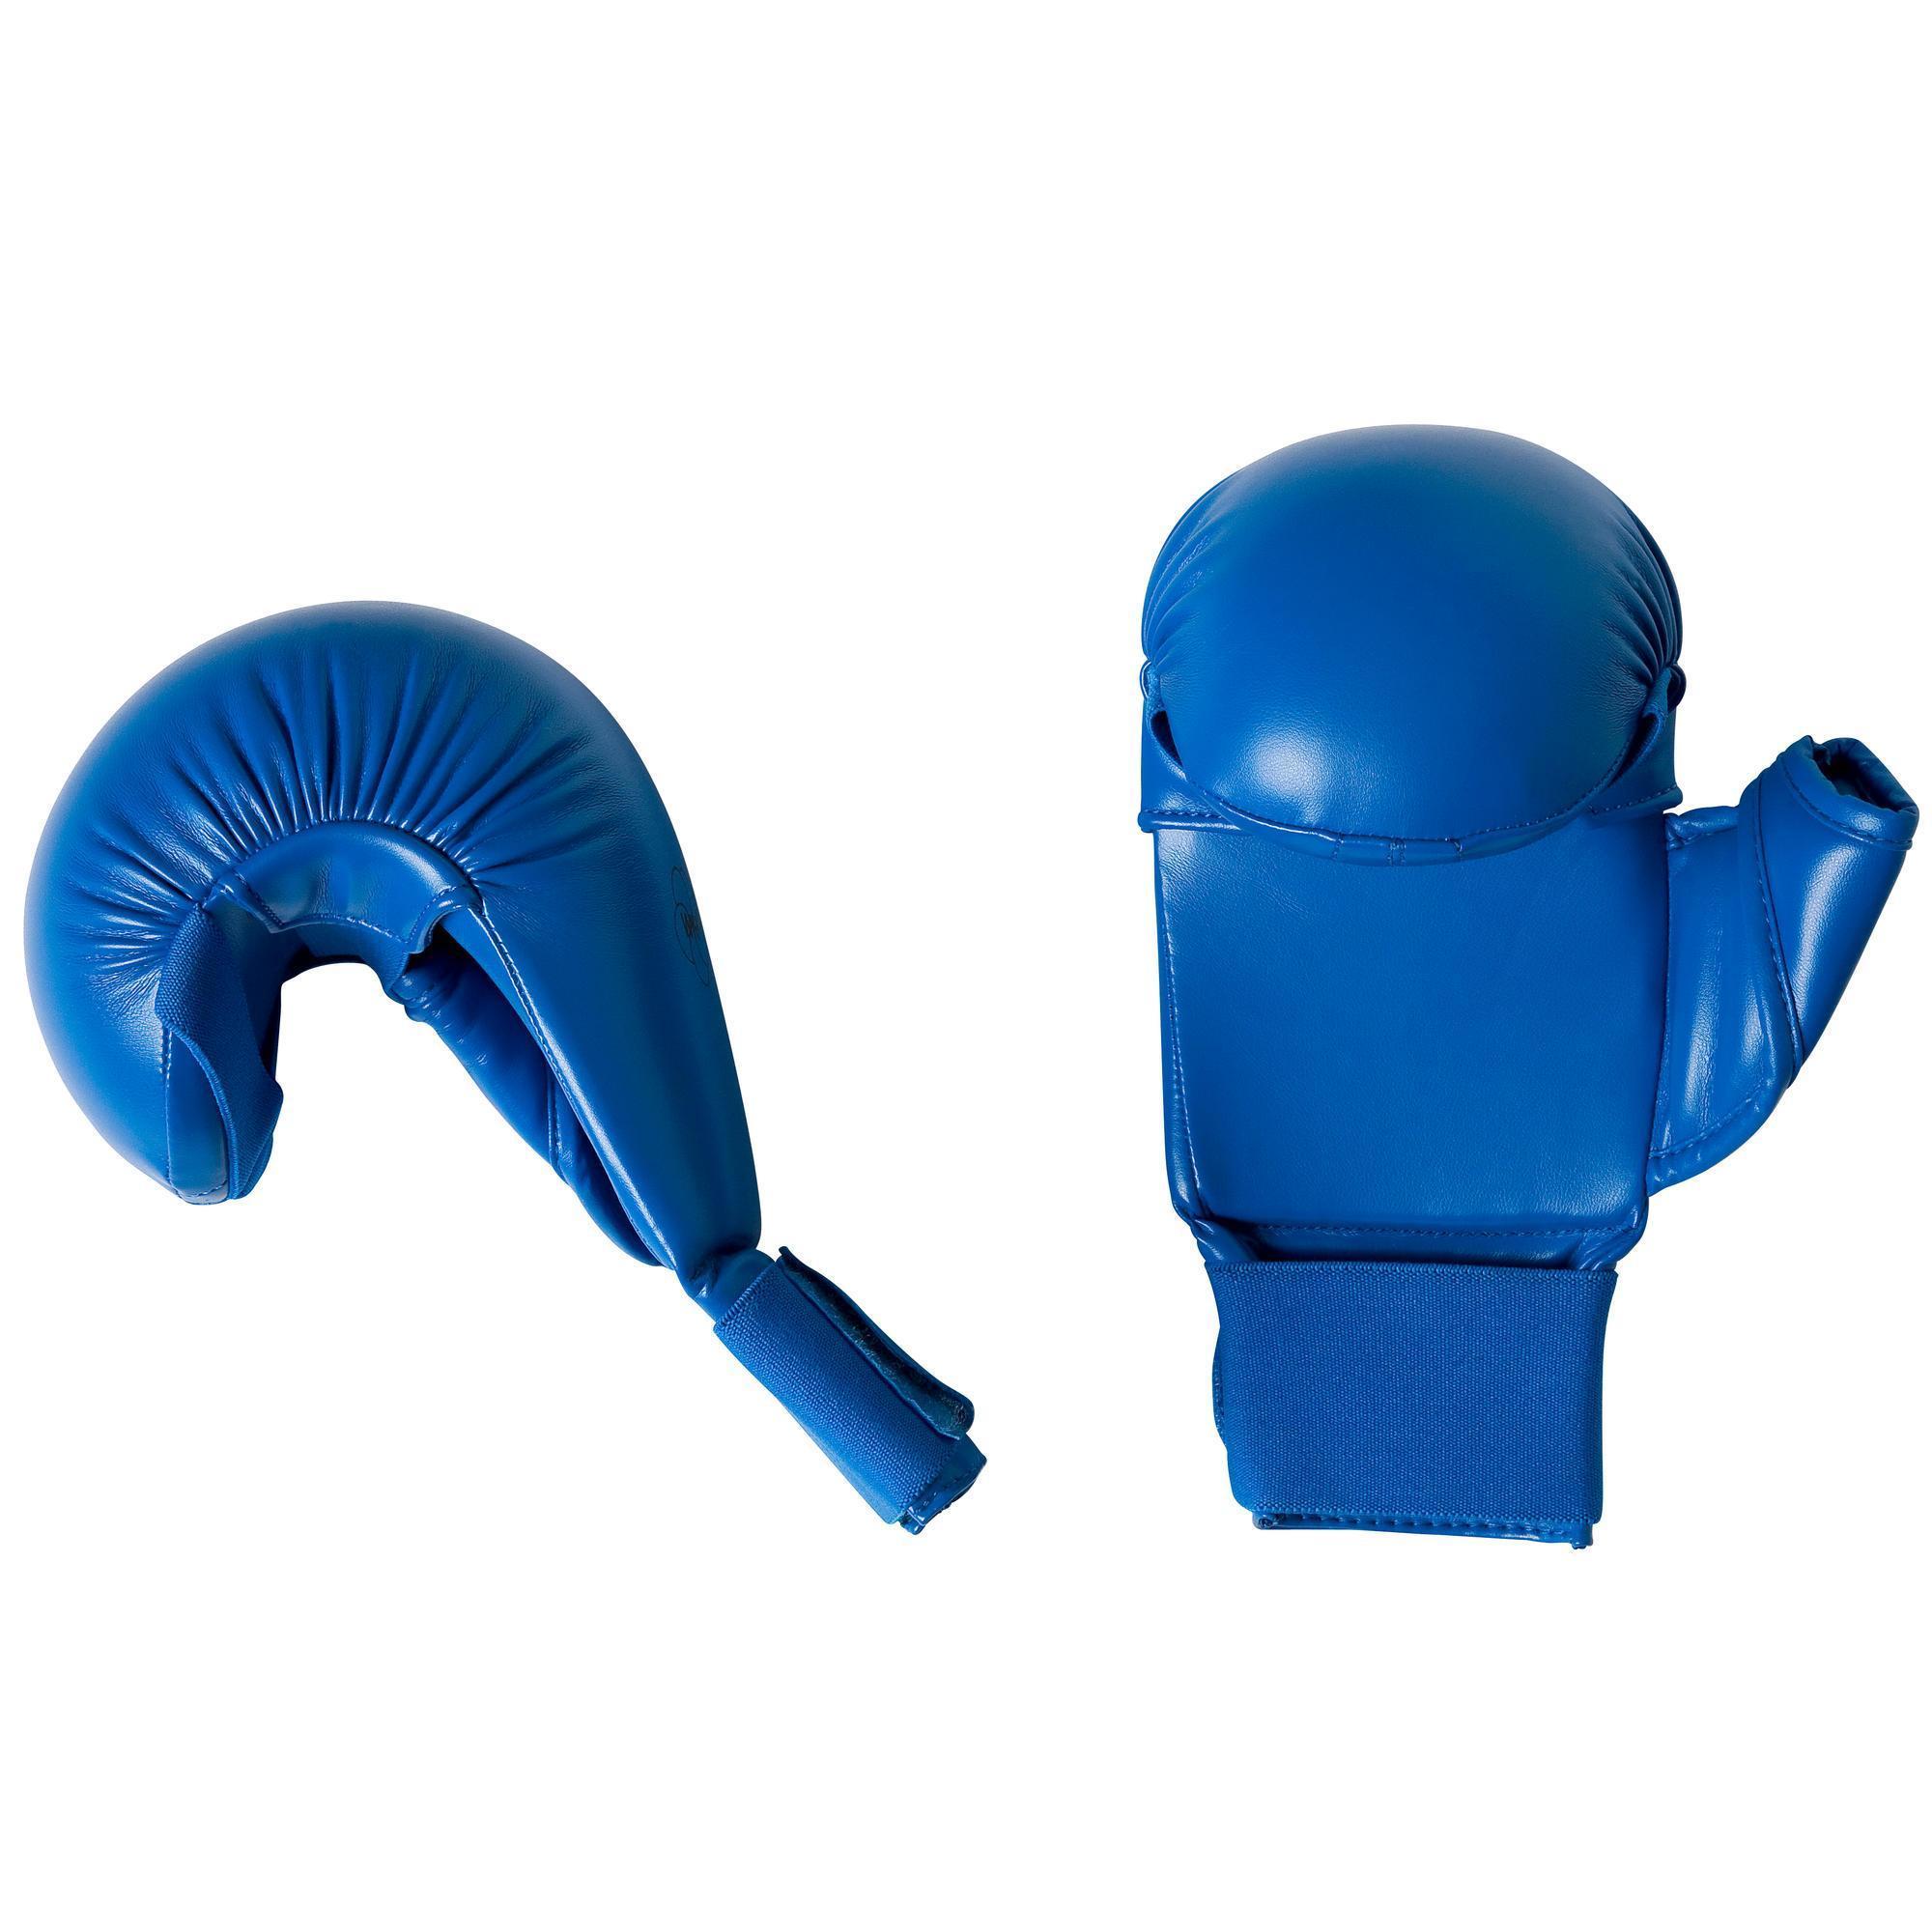 Adidas Karatehandschoenen blauw